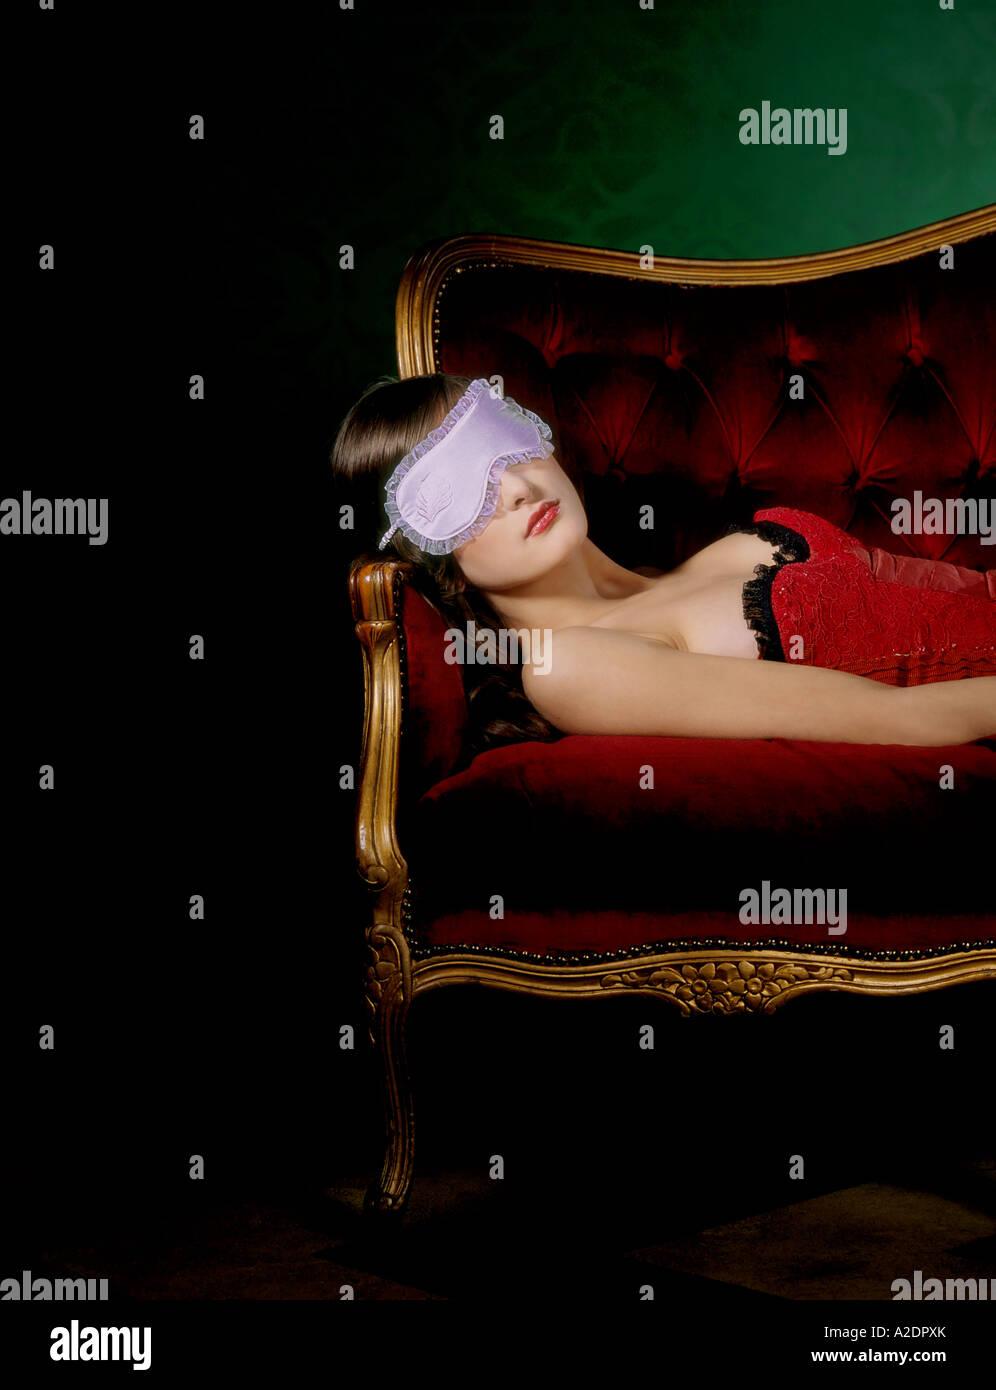 1217985 flache Innenraum Wohnzimmer junge Frau 25 30 Brünette rot Top Korsett Lüge Sofa Couch Rest entspannen Stockbild